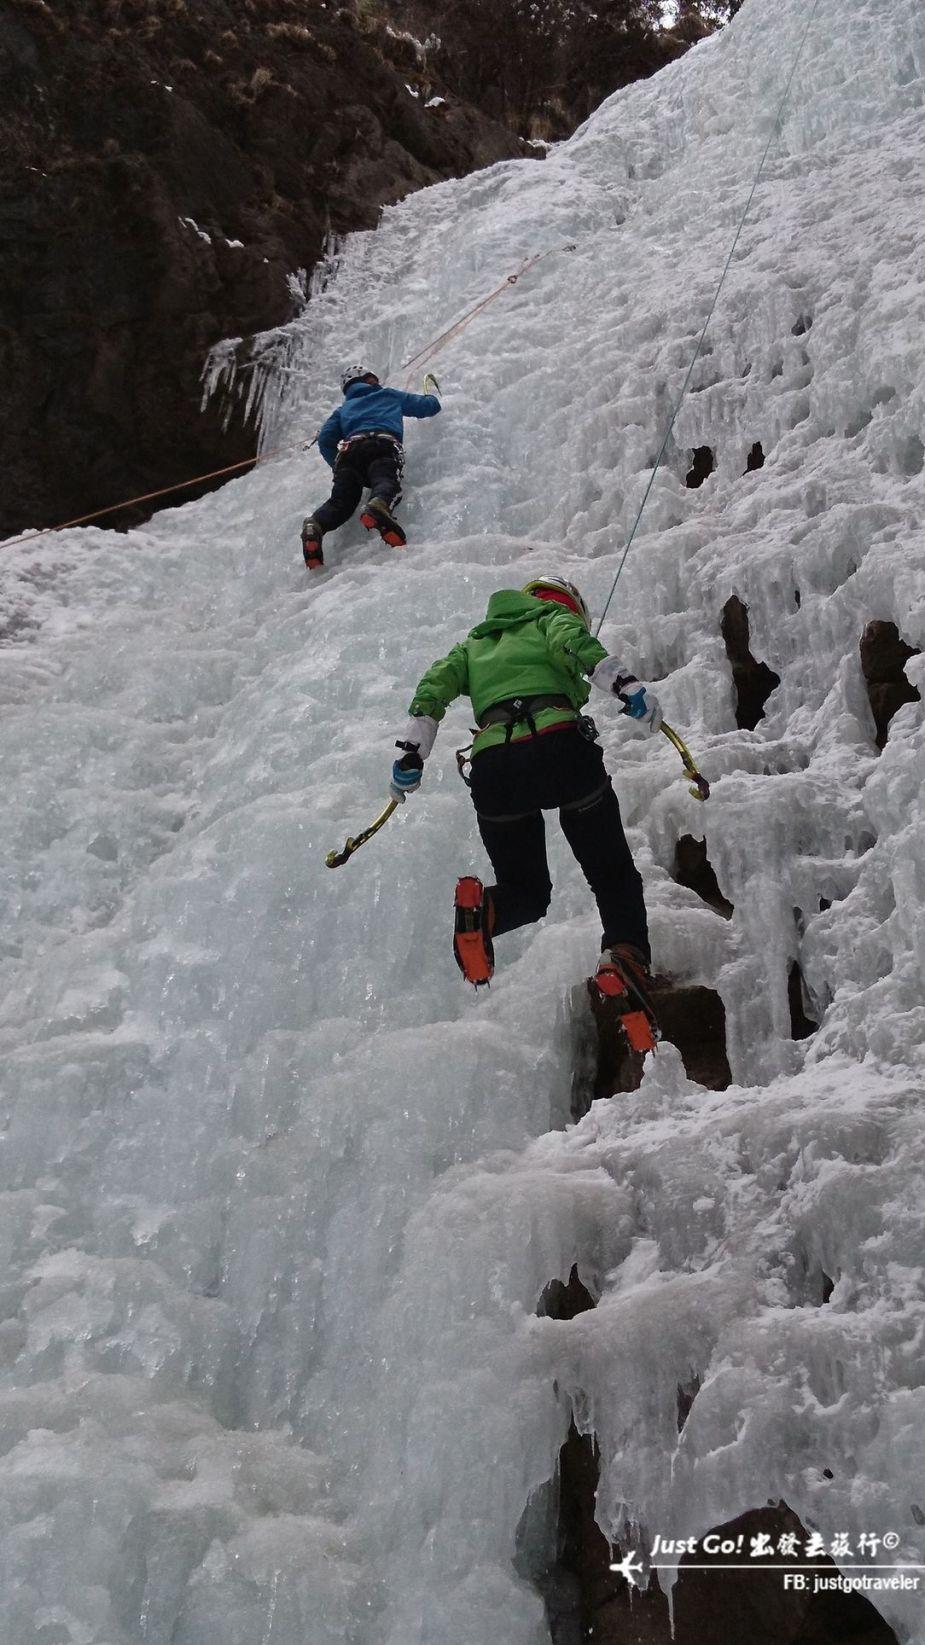 雙溝橋冬季攀冰訓練攻略與心得43_.jpg